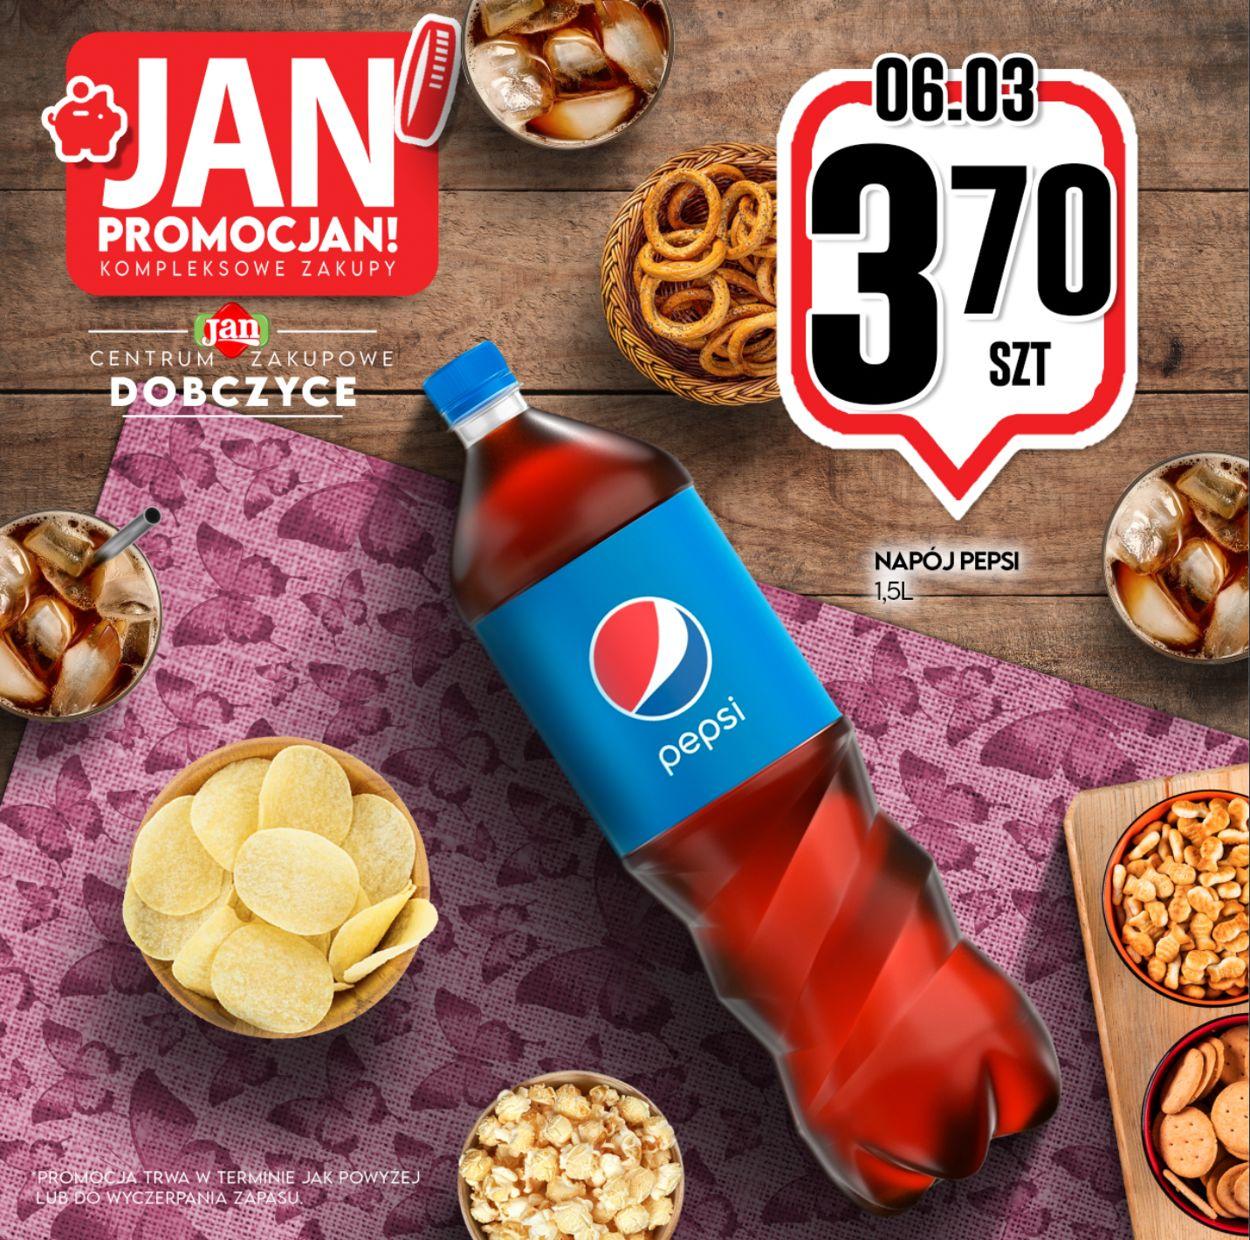 Gazetka promocyjna Market Jan - 04.03-10.03.2021